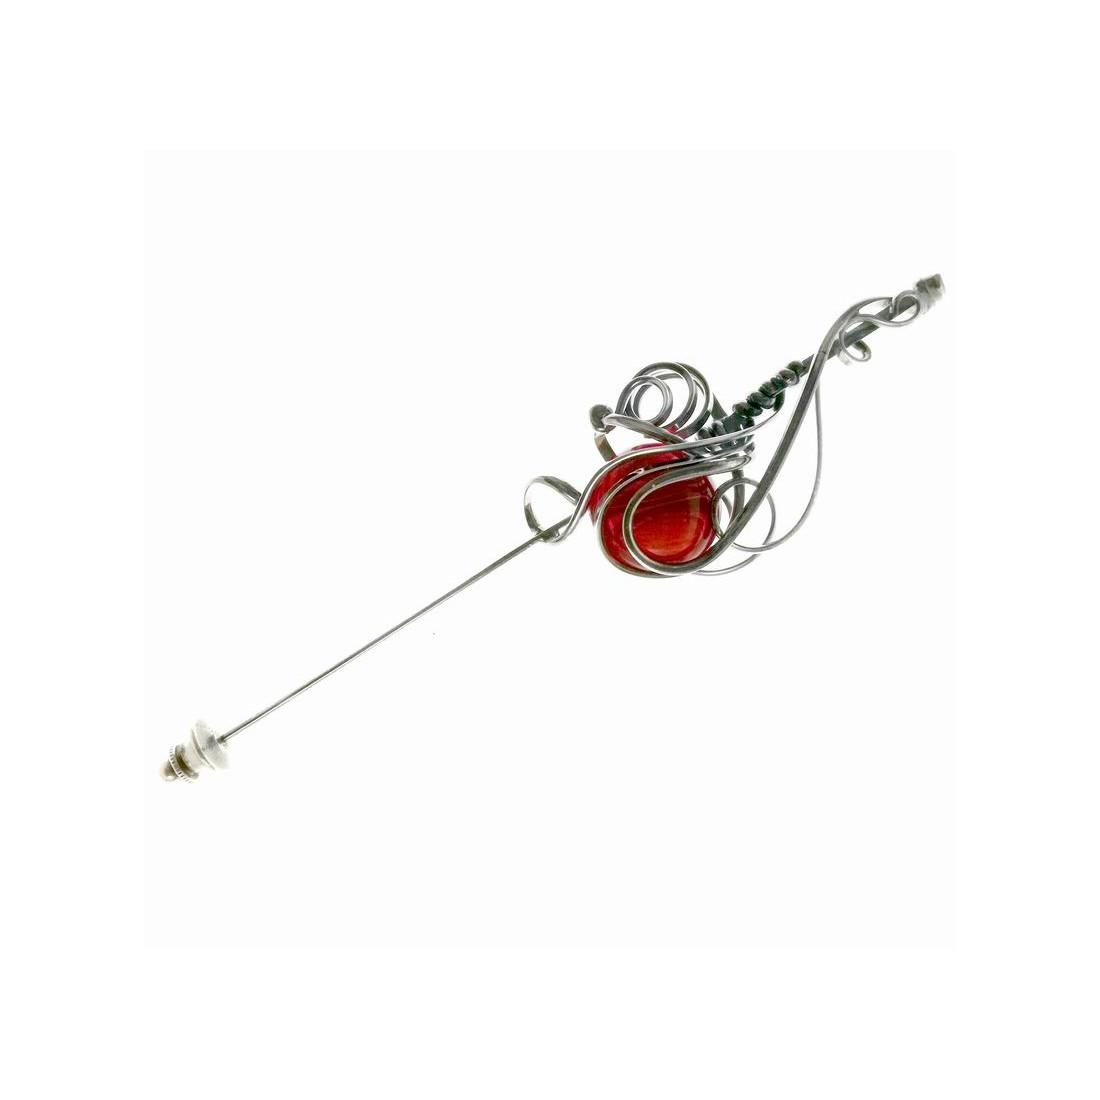 Broche ou épingle artisanale pour décorer votre veste ou retenir les extrémités d'un foulard.